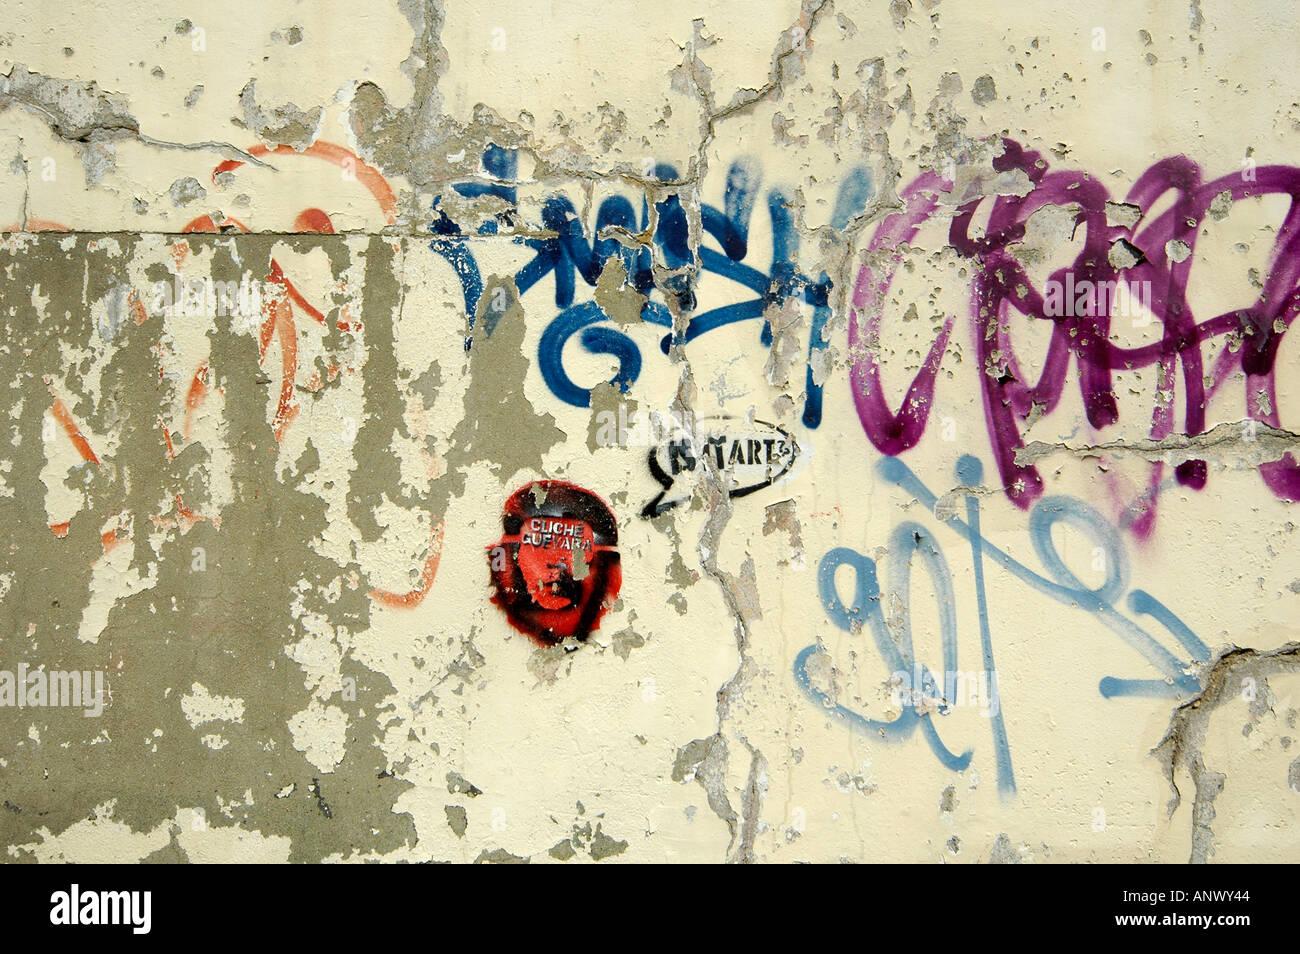 graffitti graffiti grafiti on wall showing person che guevara icon logo - Stock Image